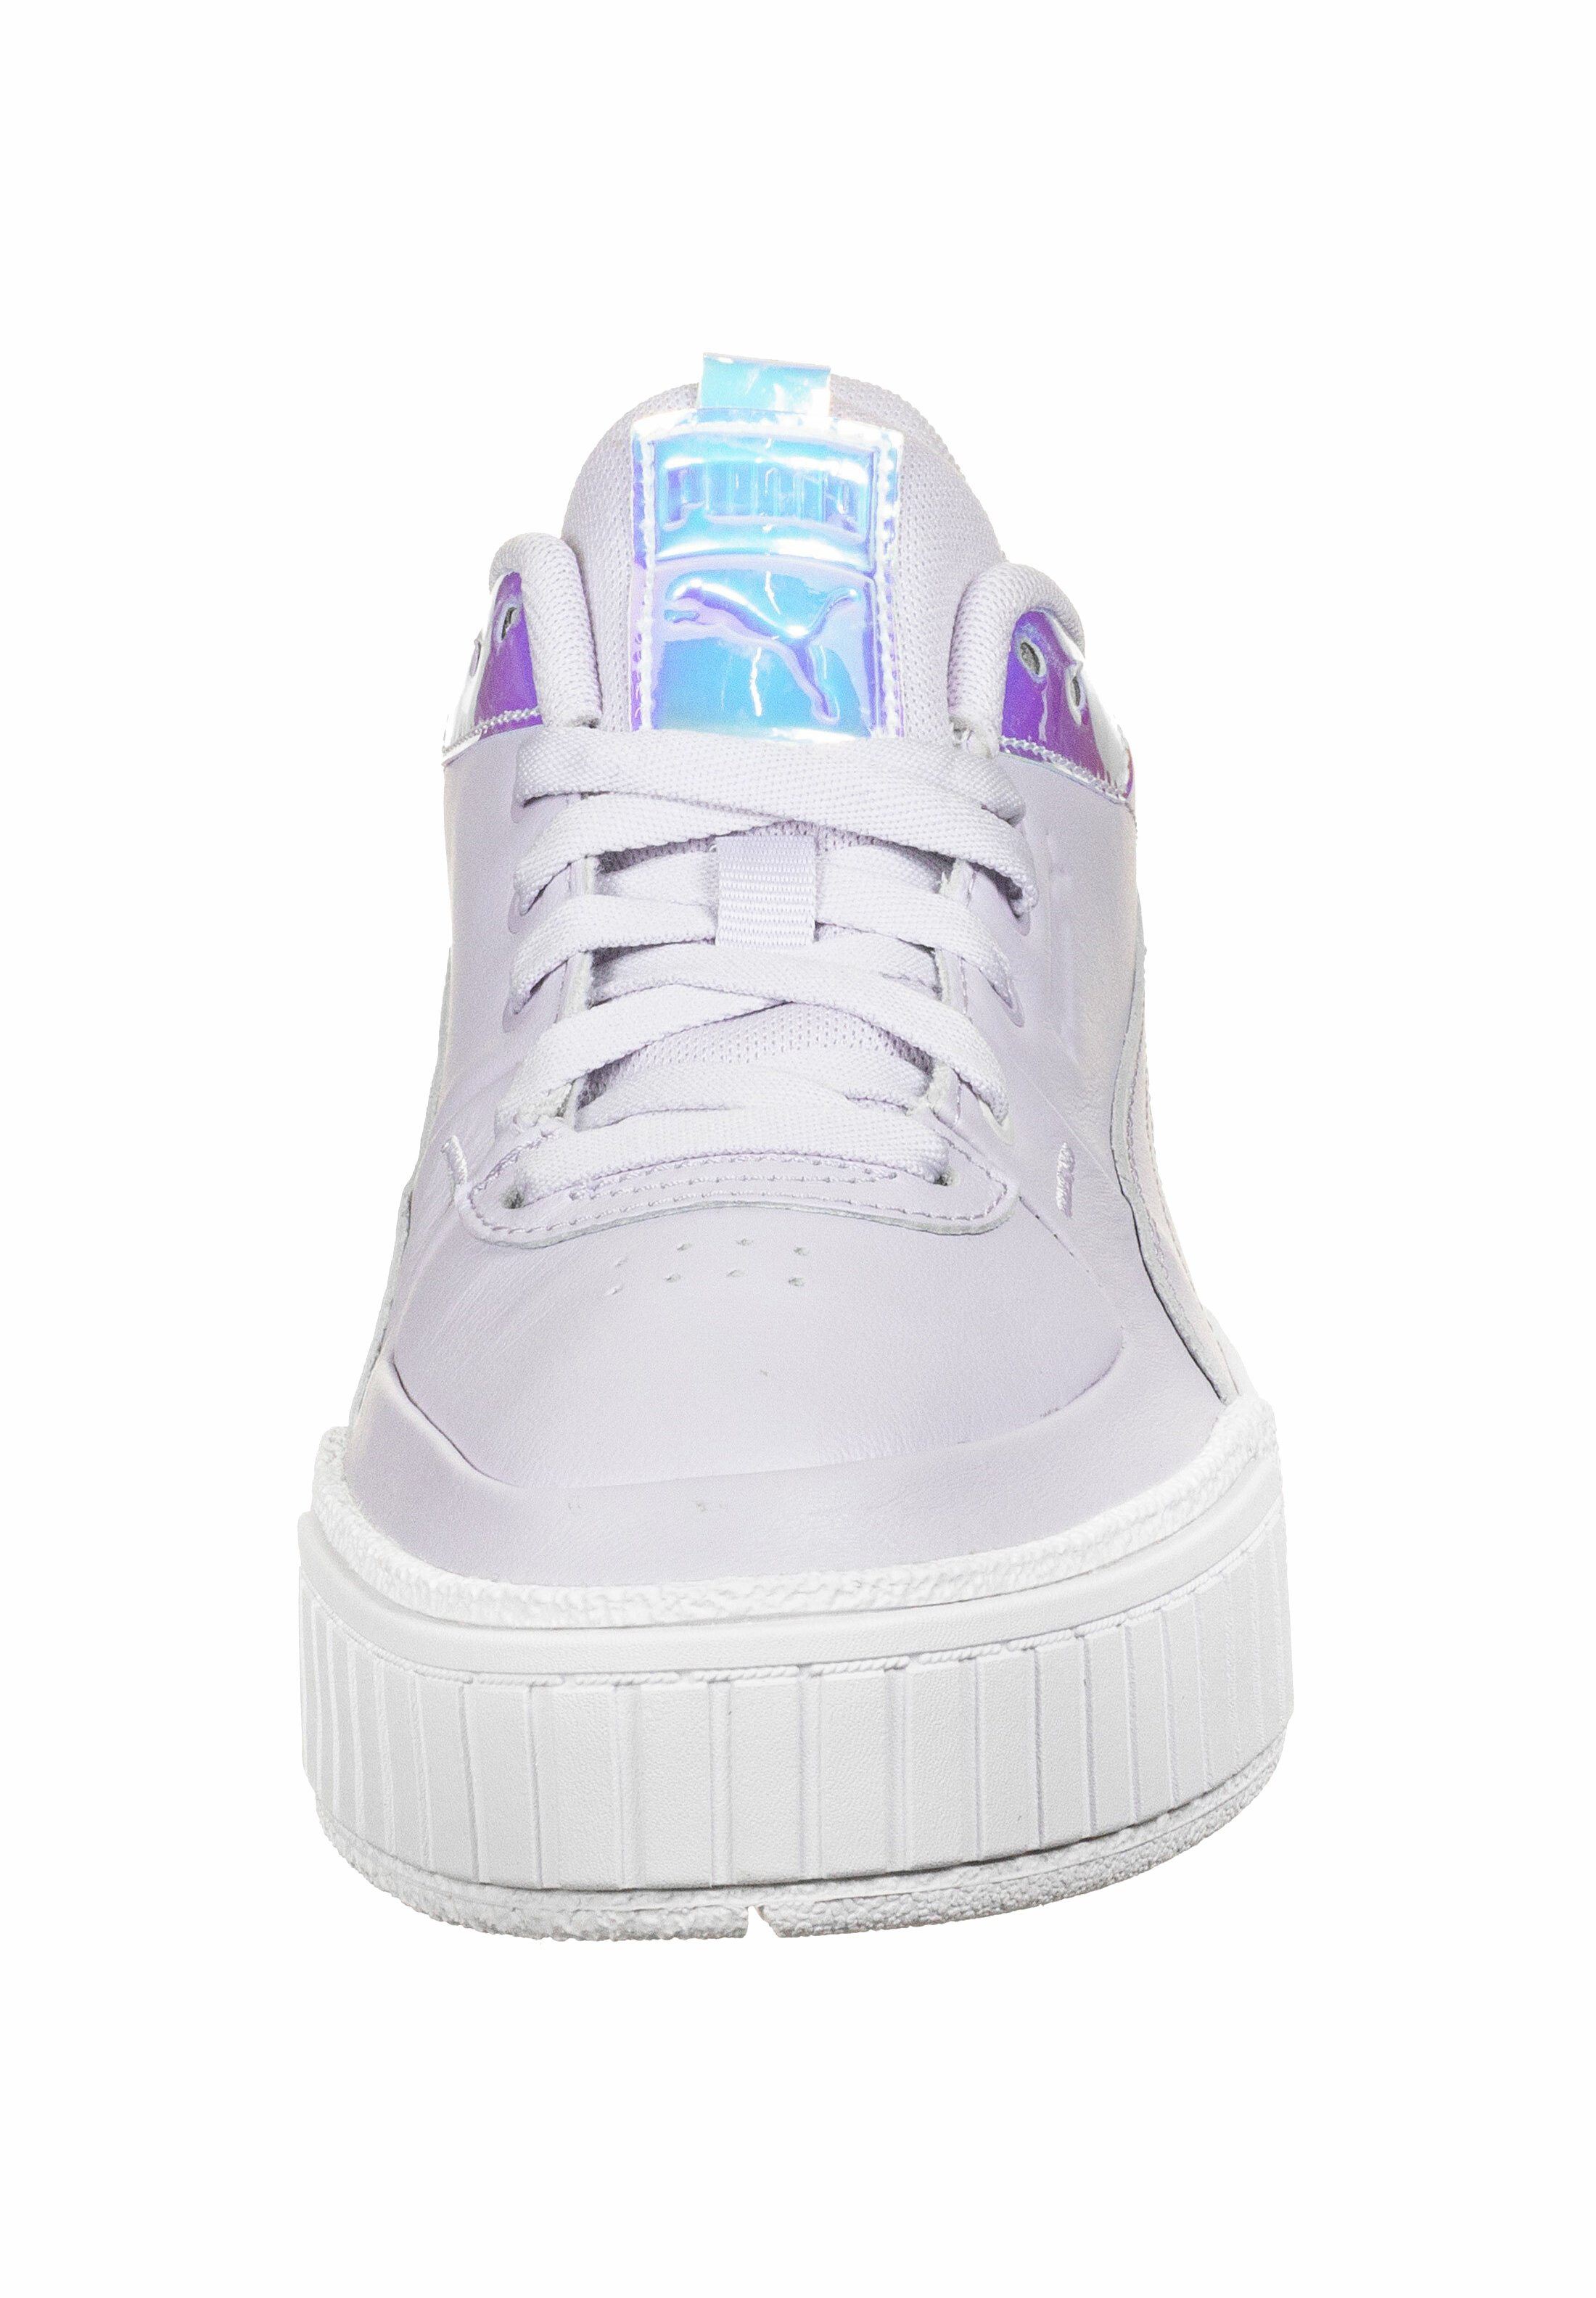 Puma CALI SPORT GLOW Sneaker low purple heatherwhite